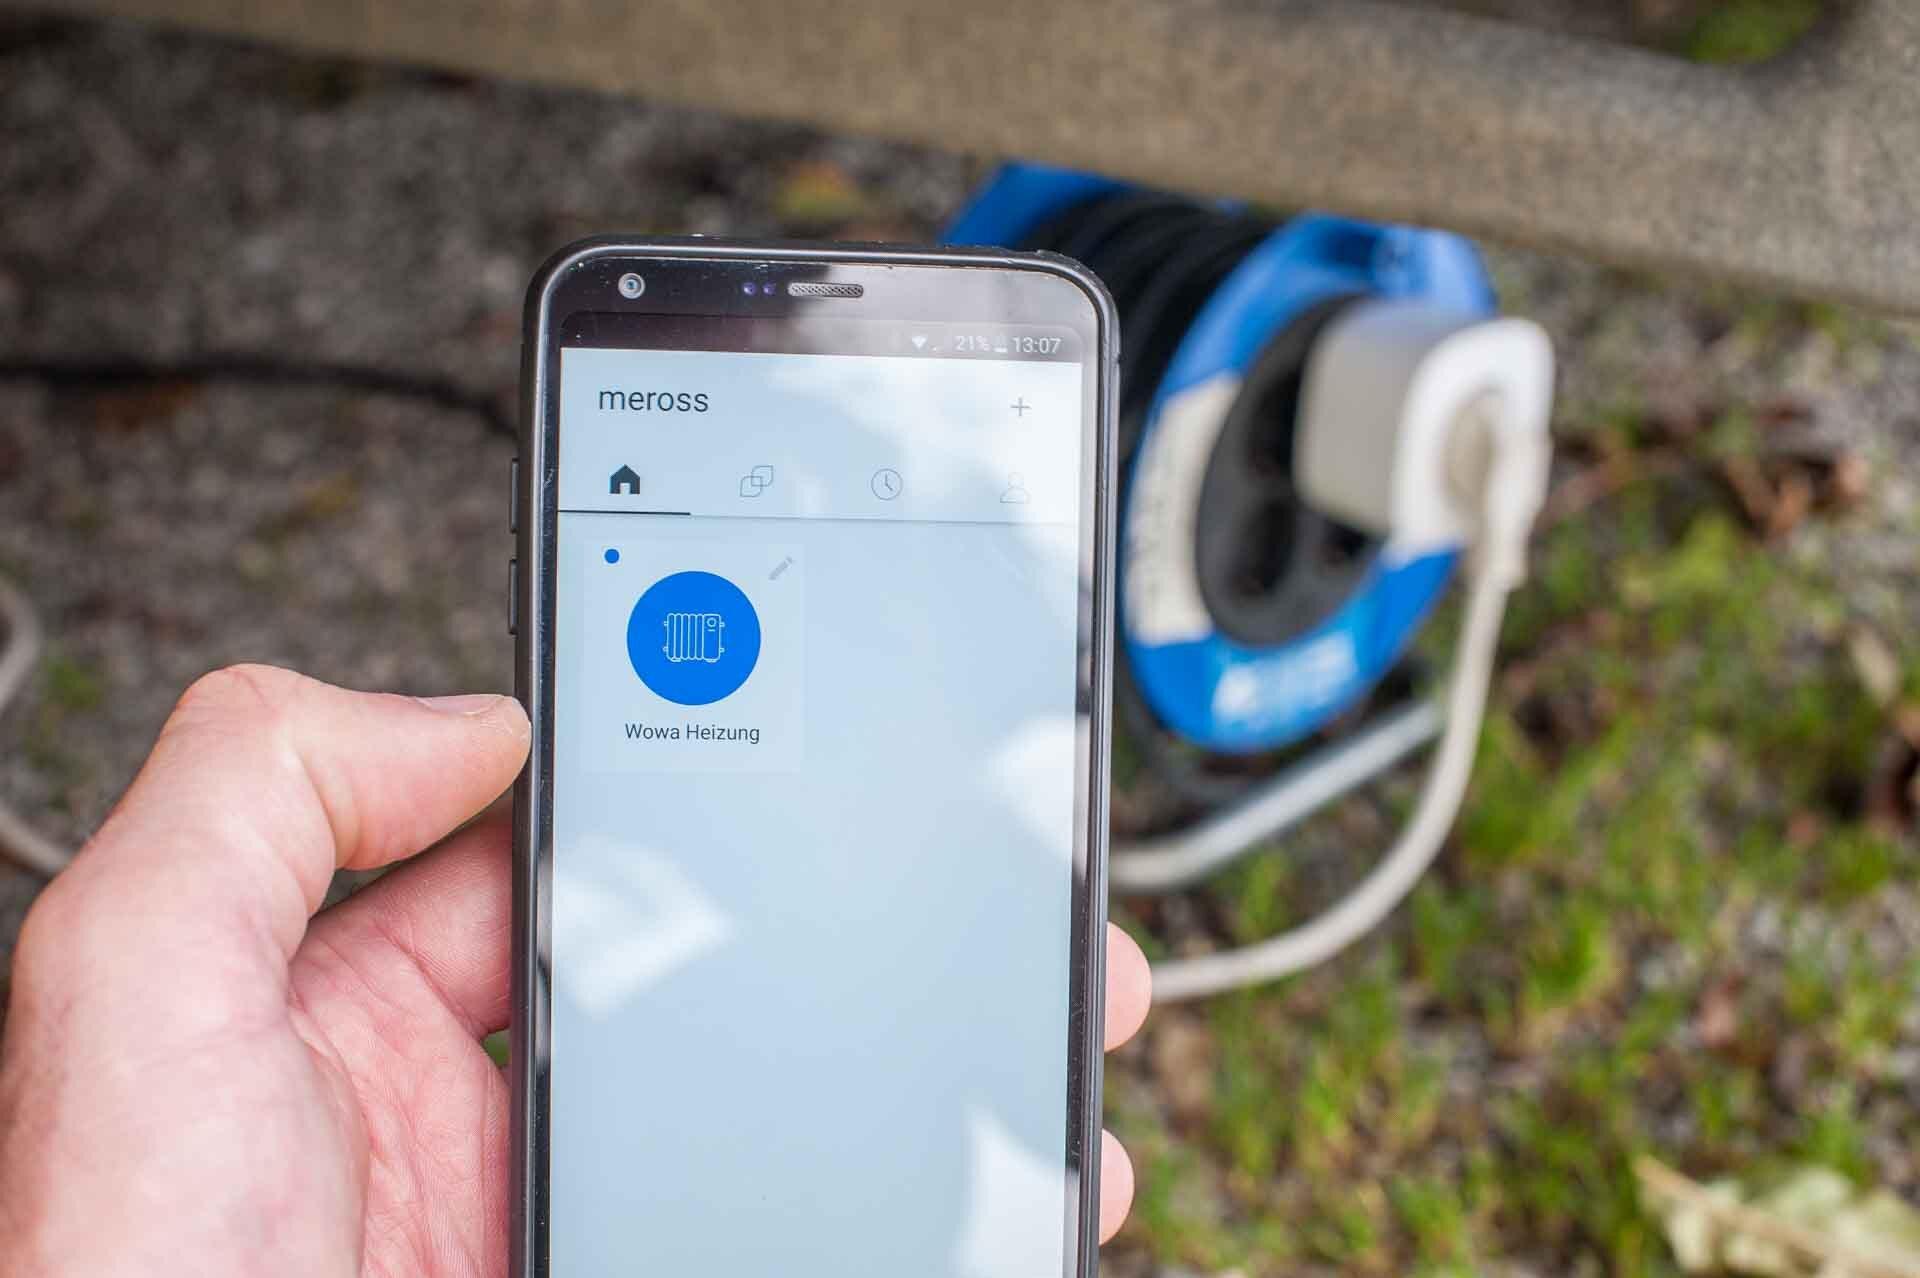 Wohnwagen Heizung fernsteuern mit APP Smart WLAN Plug Steckdose Android Apple